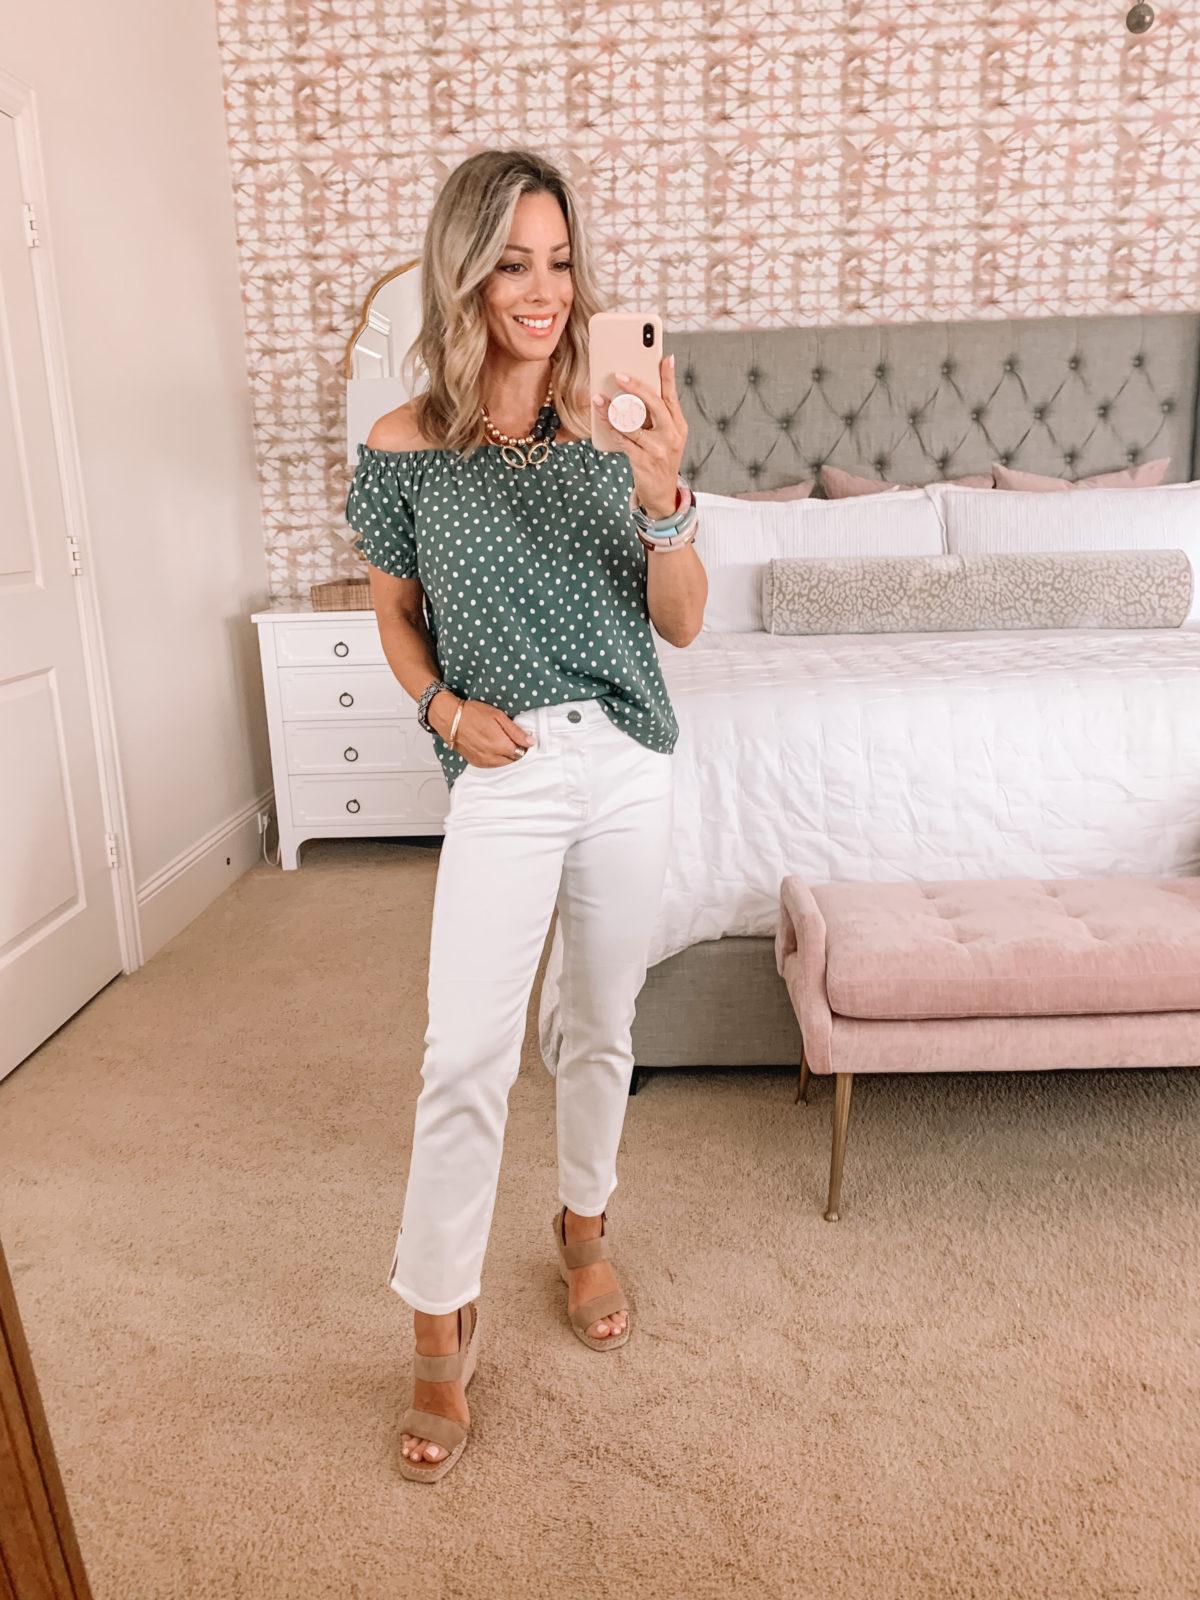 Dressing Room Finds, Polka Dot Off the Shoulder Top, White Jeans, Wedges